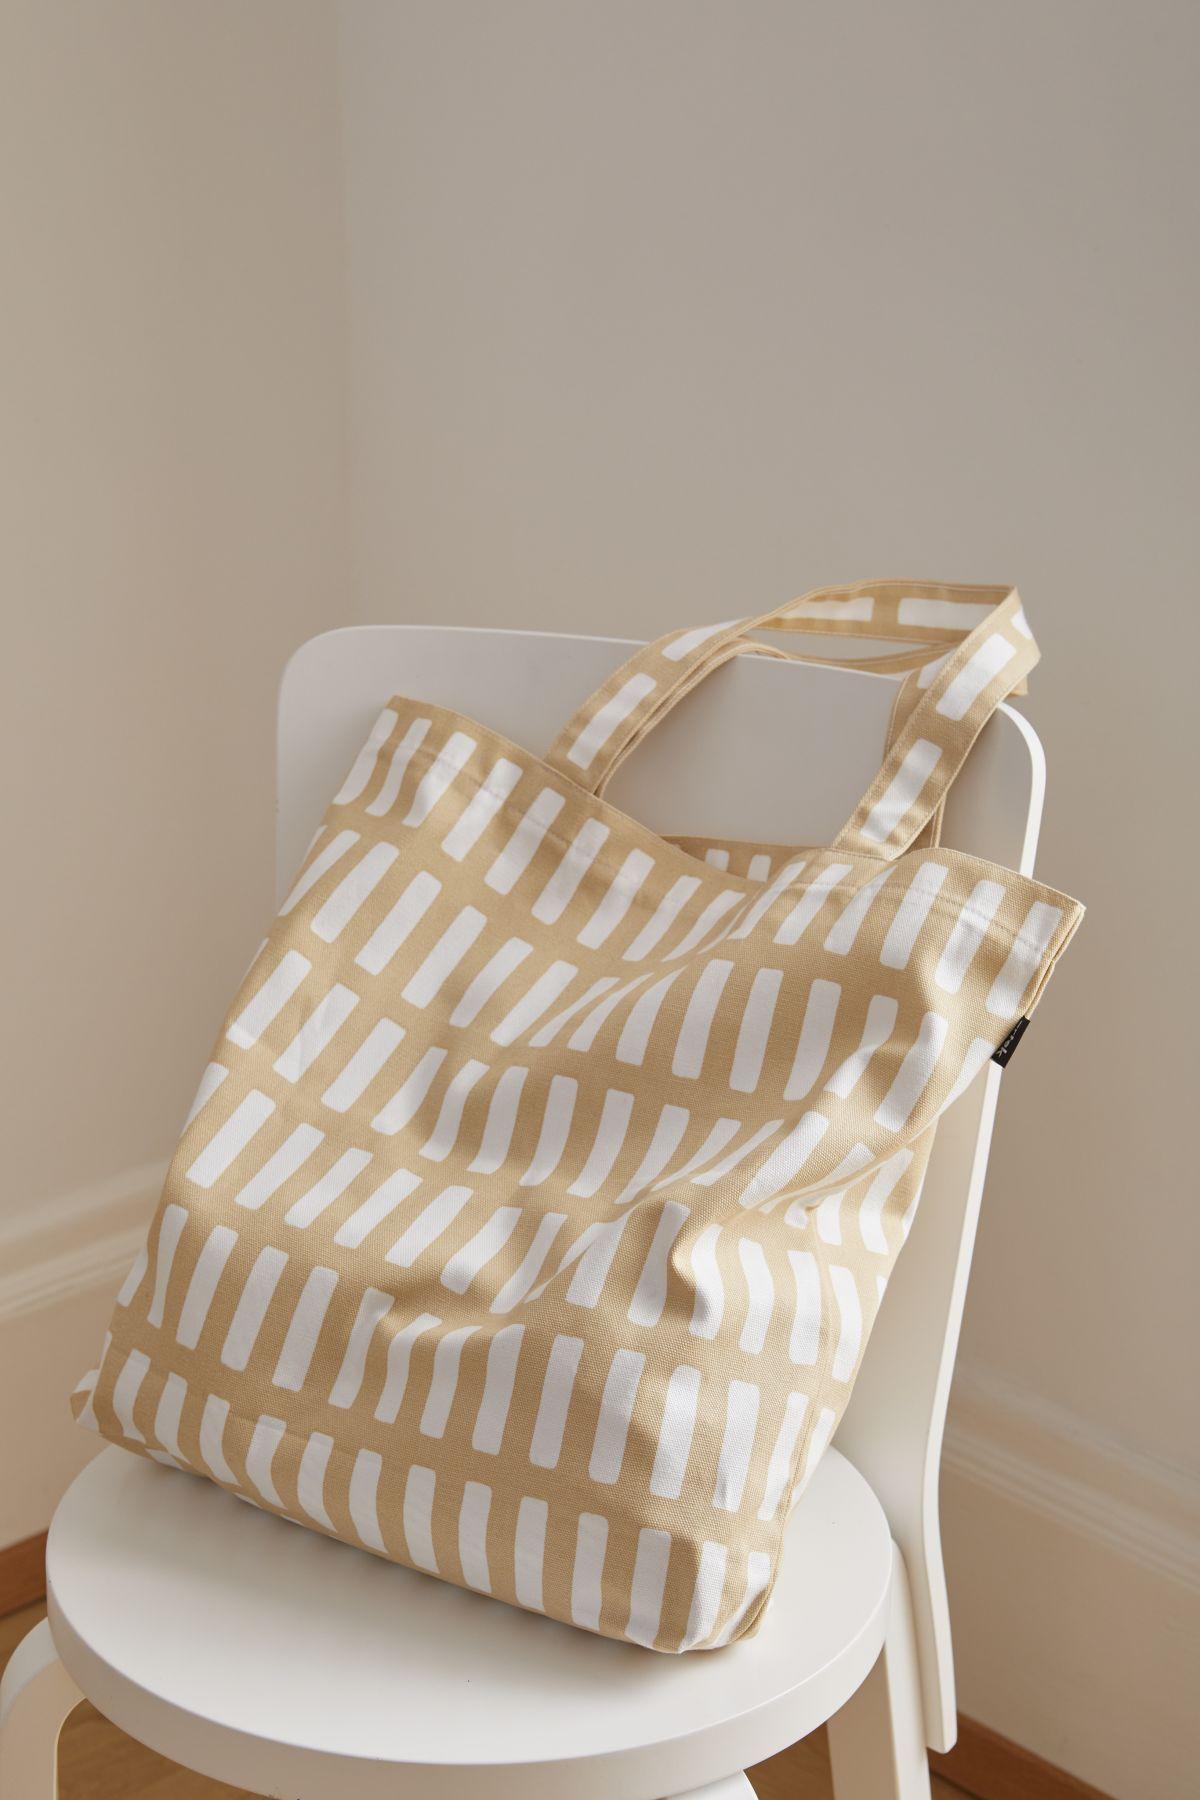 Siena_canvas_bag_sand_white_Chair_66_white-4688214